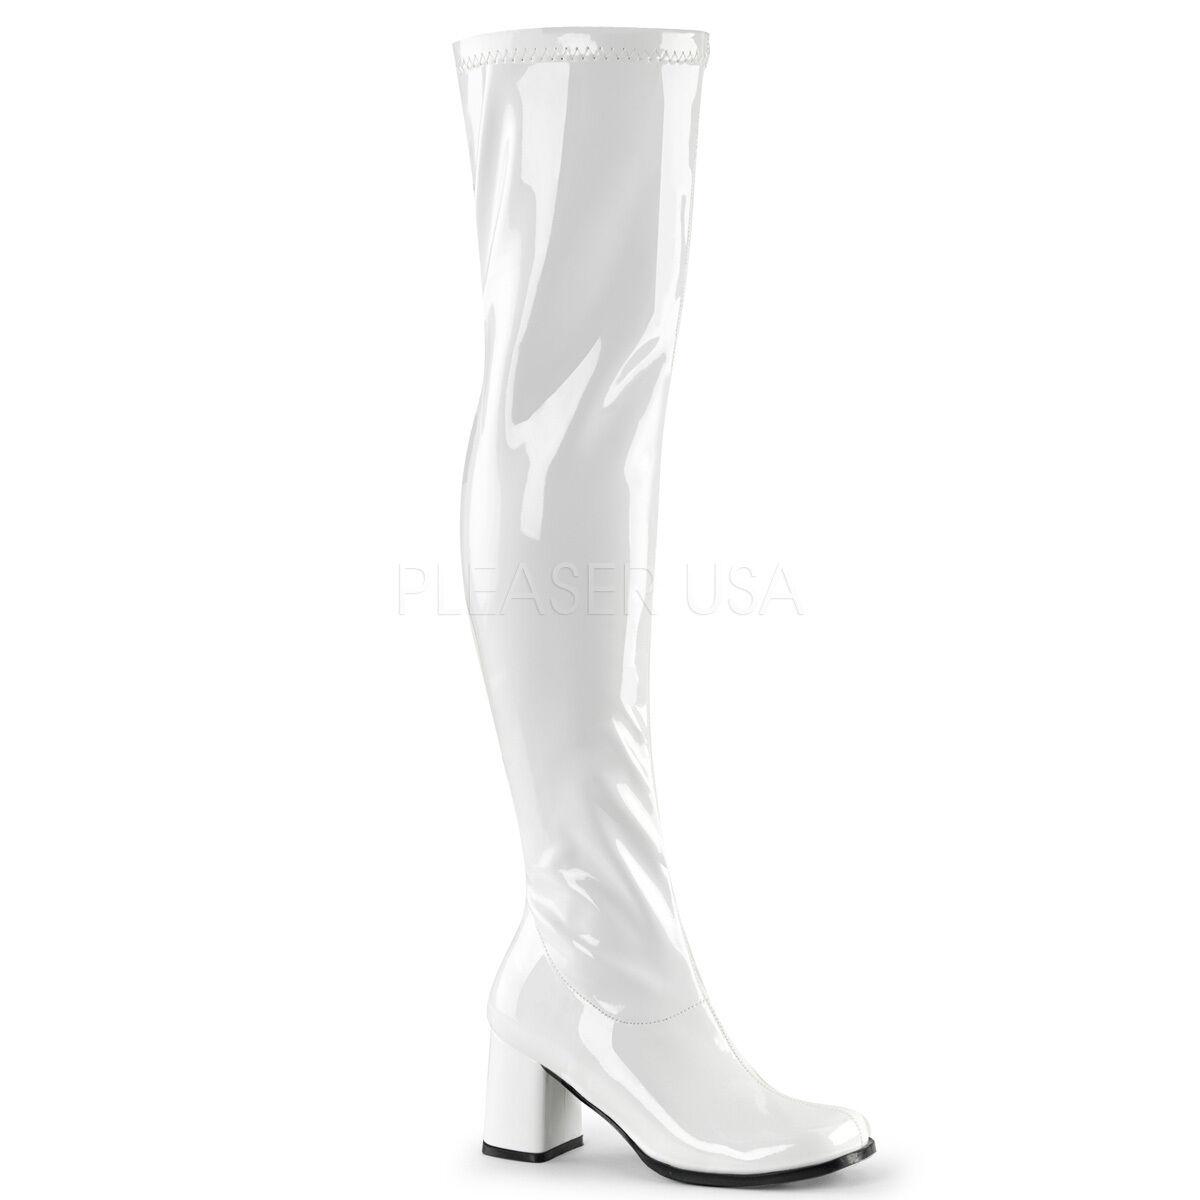 Sexy Pleaser 3  bloque Tacón Tacón Tacón blancoo Stretch patente Gogo Cyber muslo Club botas 5-16  la mejor oferta de tienda online